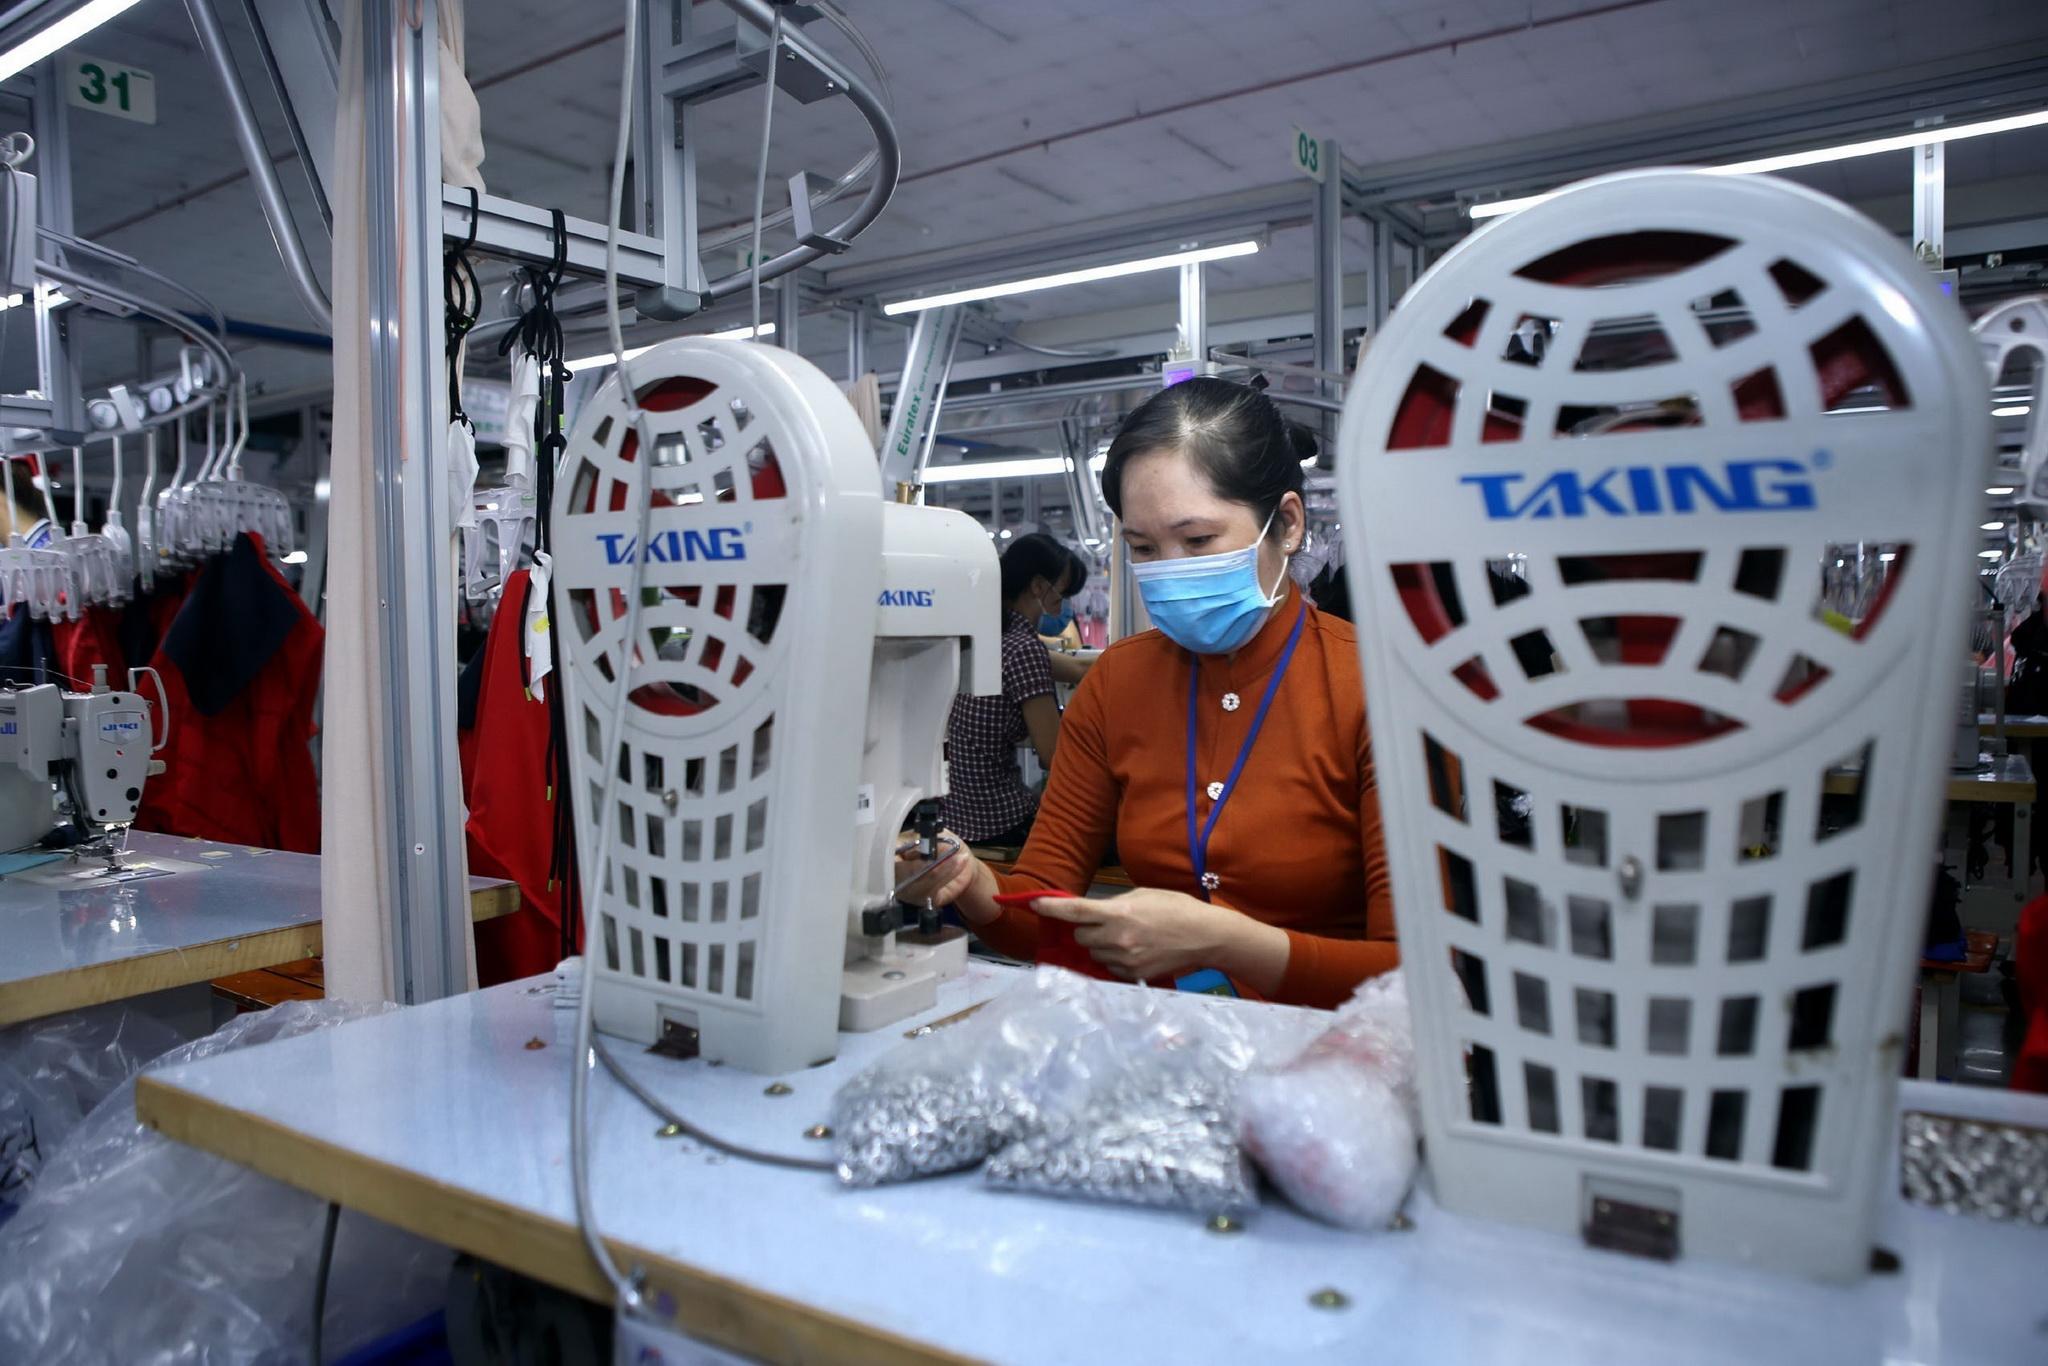 Dây chuyền sản xuất hàng may mặc xuất khẩu tại Công ty TNHH May Accasette Garment, vốn đầu tư của Đài Loan (Trung Quốc), tại khu công nghiệp Sóng Thần 3 (Bình Dương). (Ảnh: Danh Lam/TTXVN)